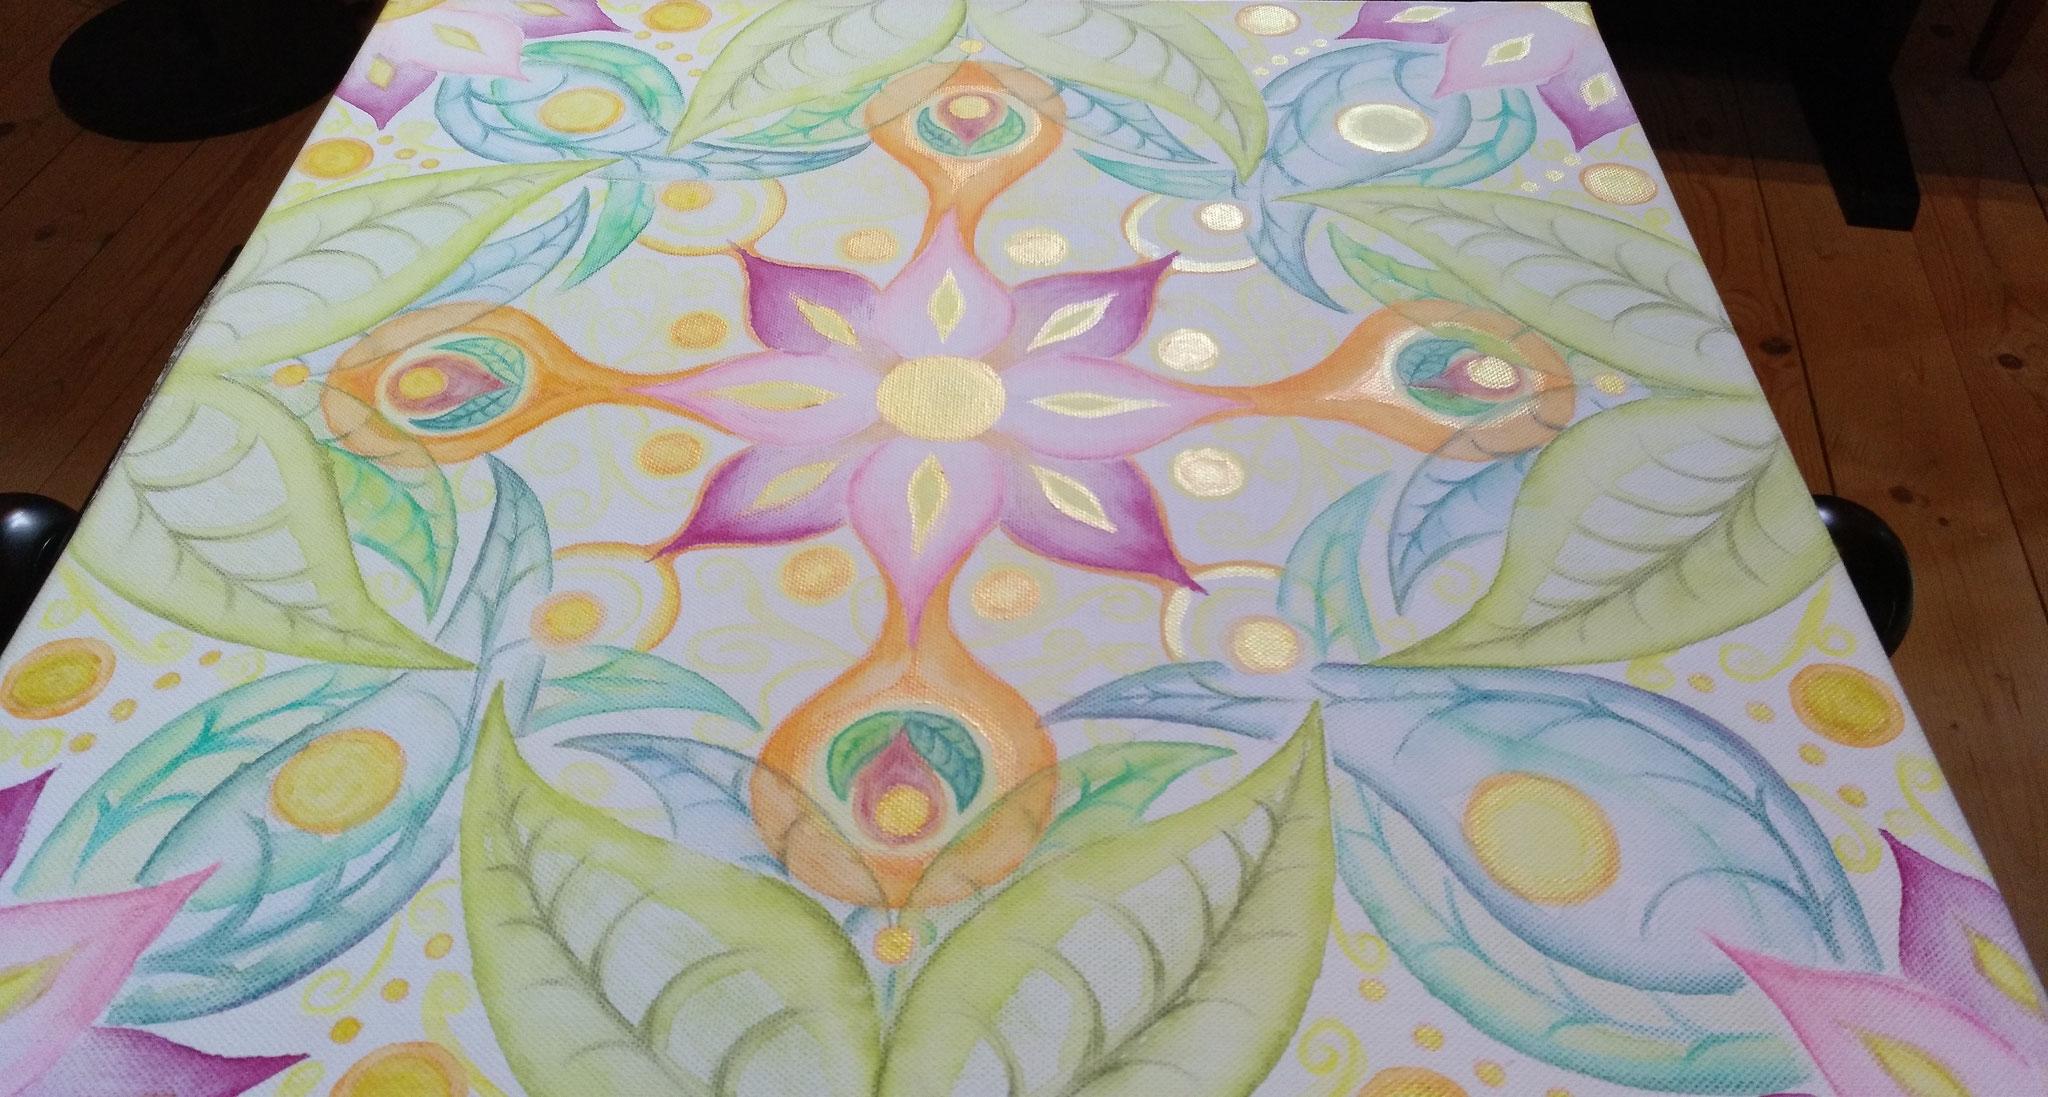 Fülle der Natur - 50 x 50 - Aquarell und Acryl auf Leinwand